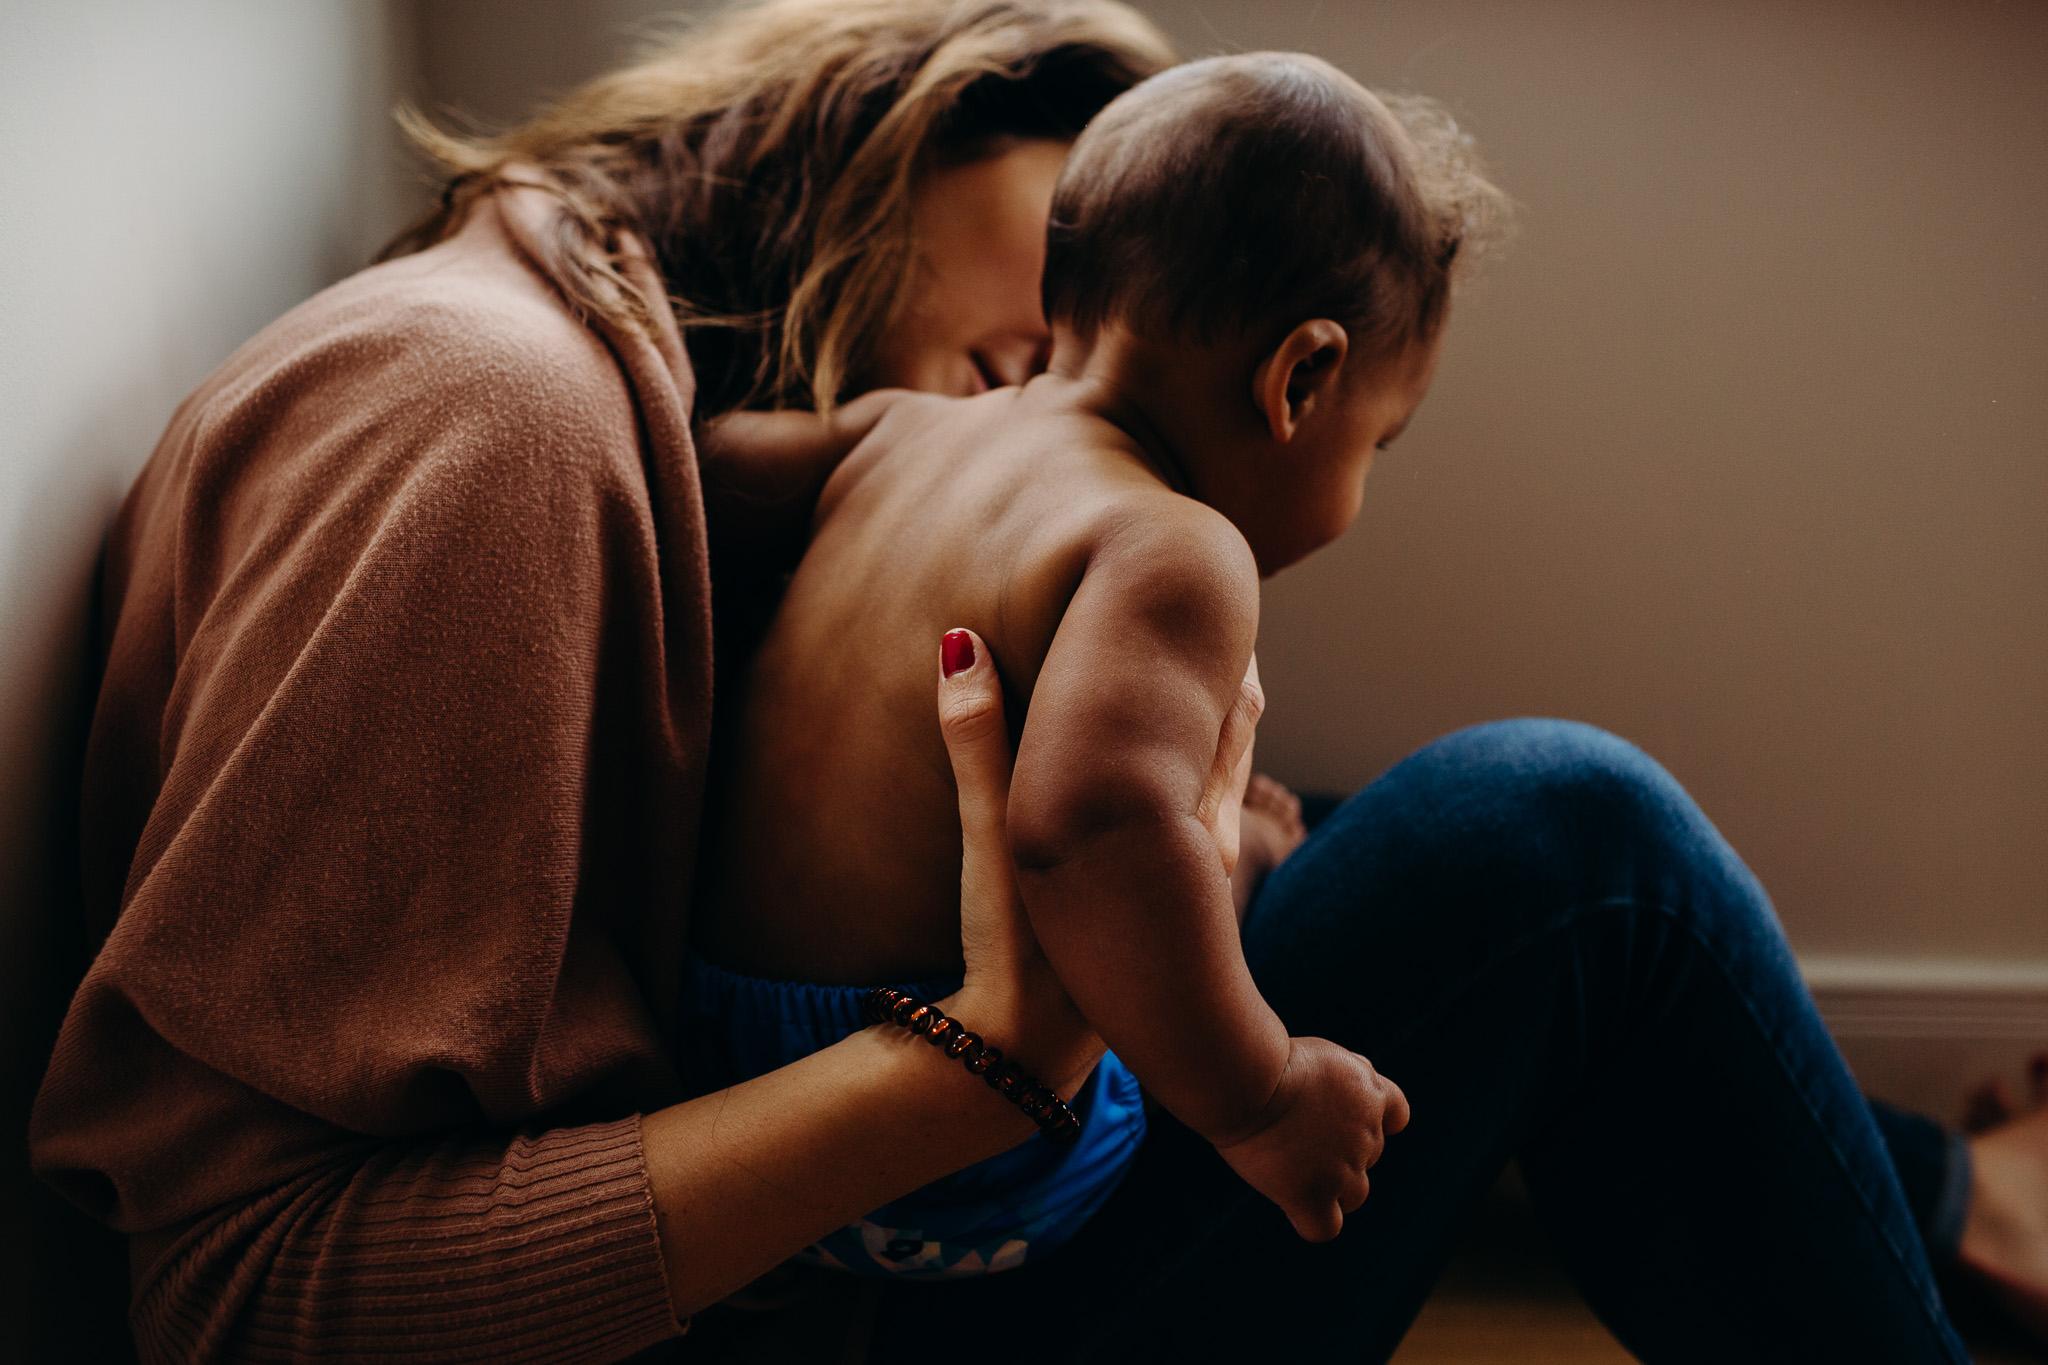 motherhood-baby-inhome-photoshoot-3.jpg